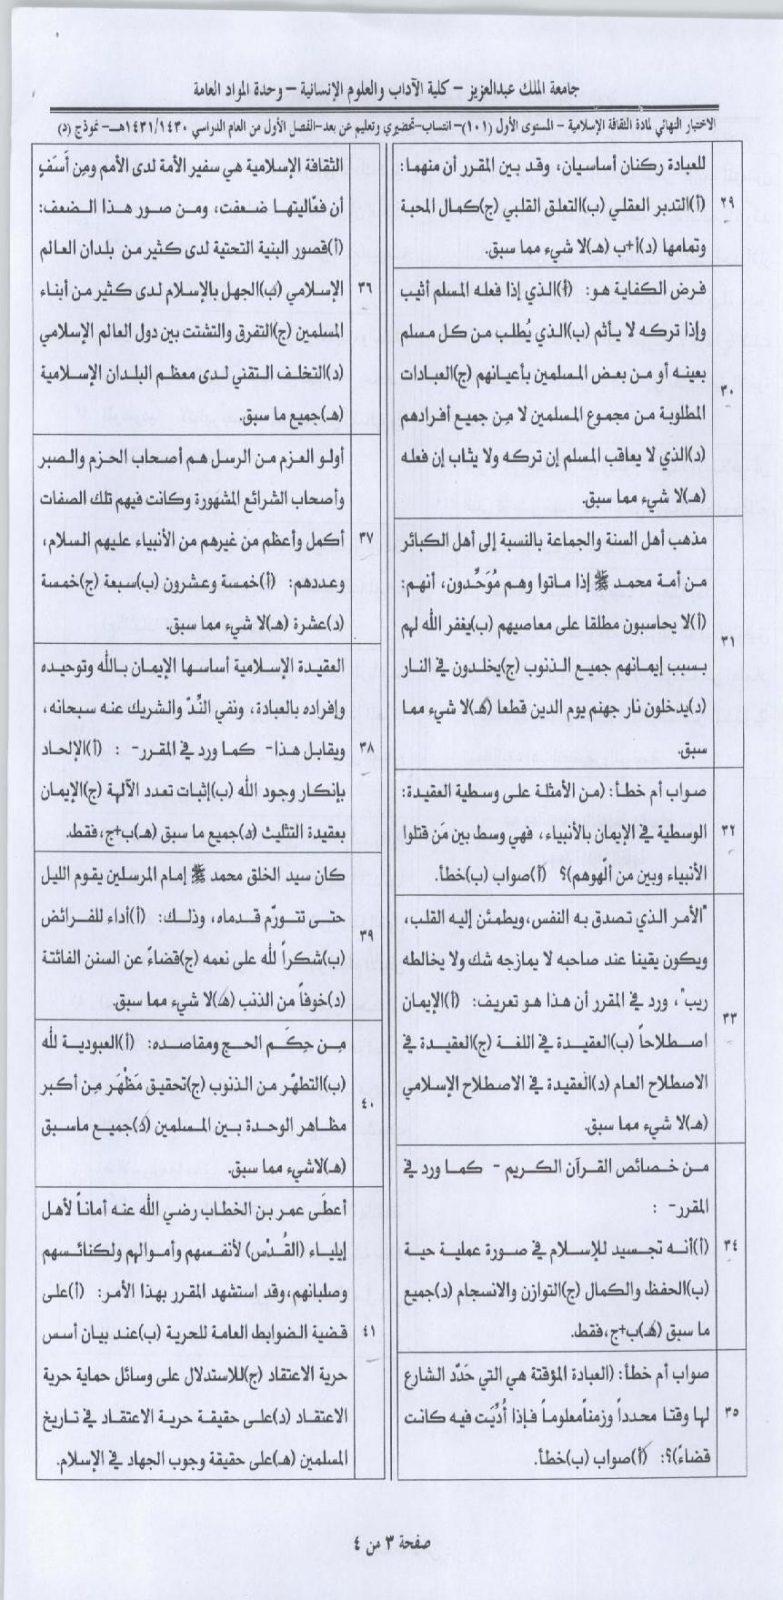 اسئلة مادة الثقافة الإسلامية isls 101 انتساب وتعليم عن بعد الفصل الدراسي الأول 1431هـ نموذج (د) 214.jpg